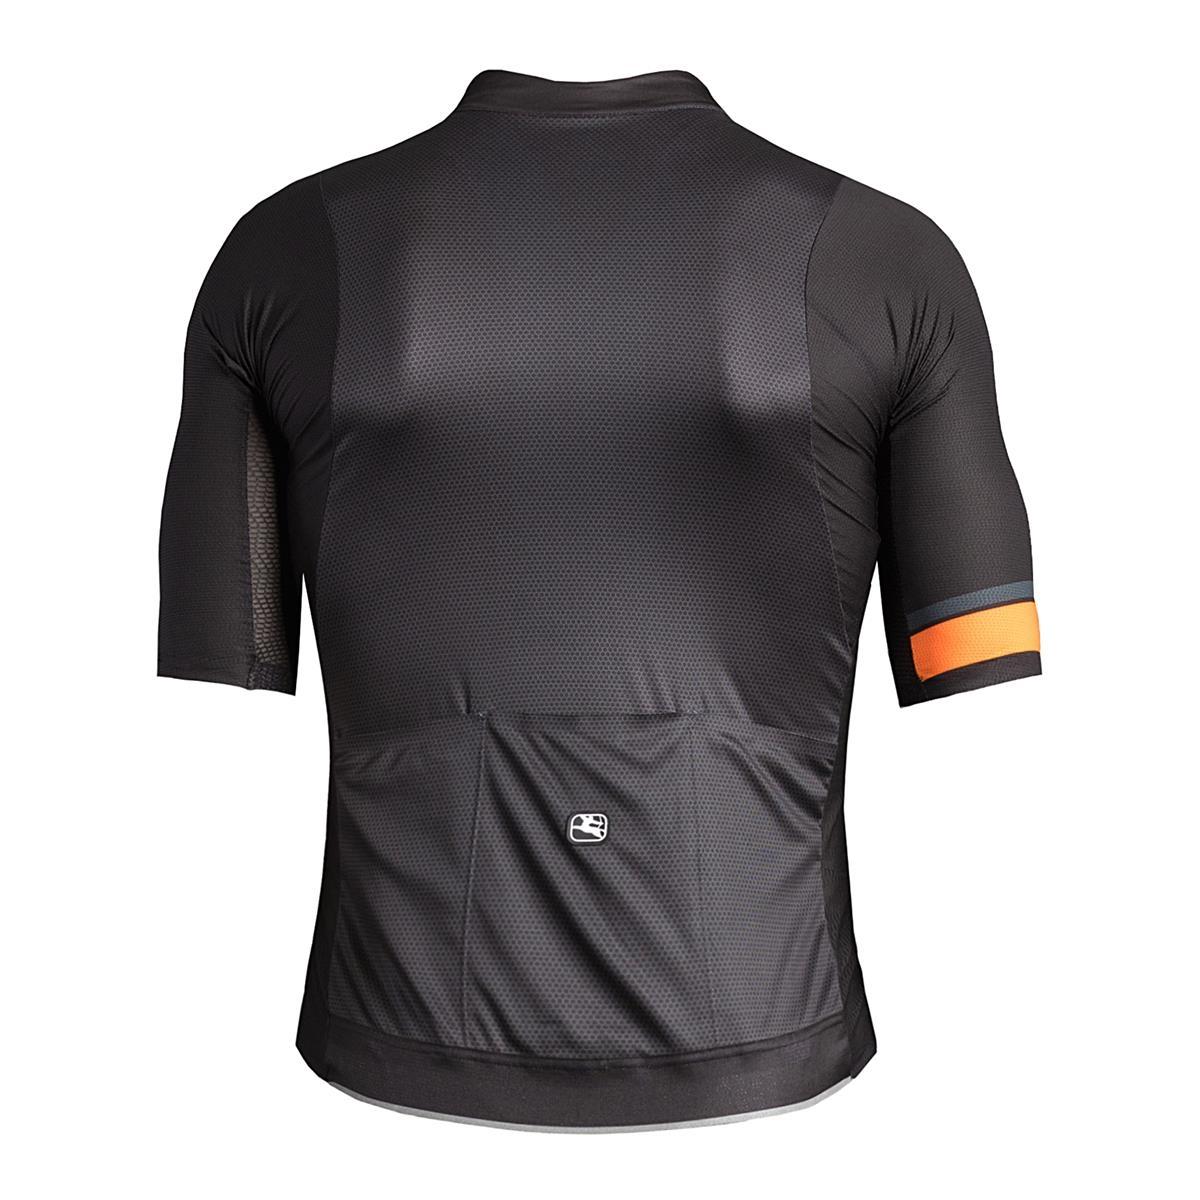 Giordana NX-G Air Charcoal-Orange